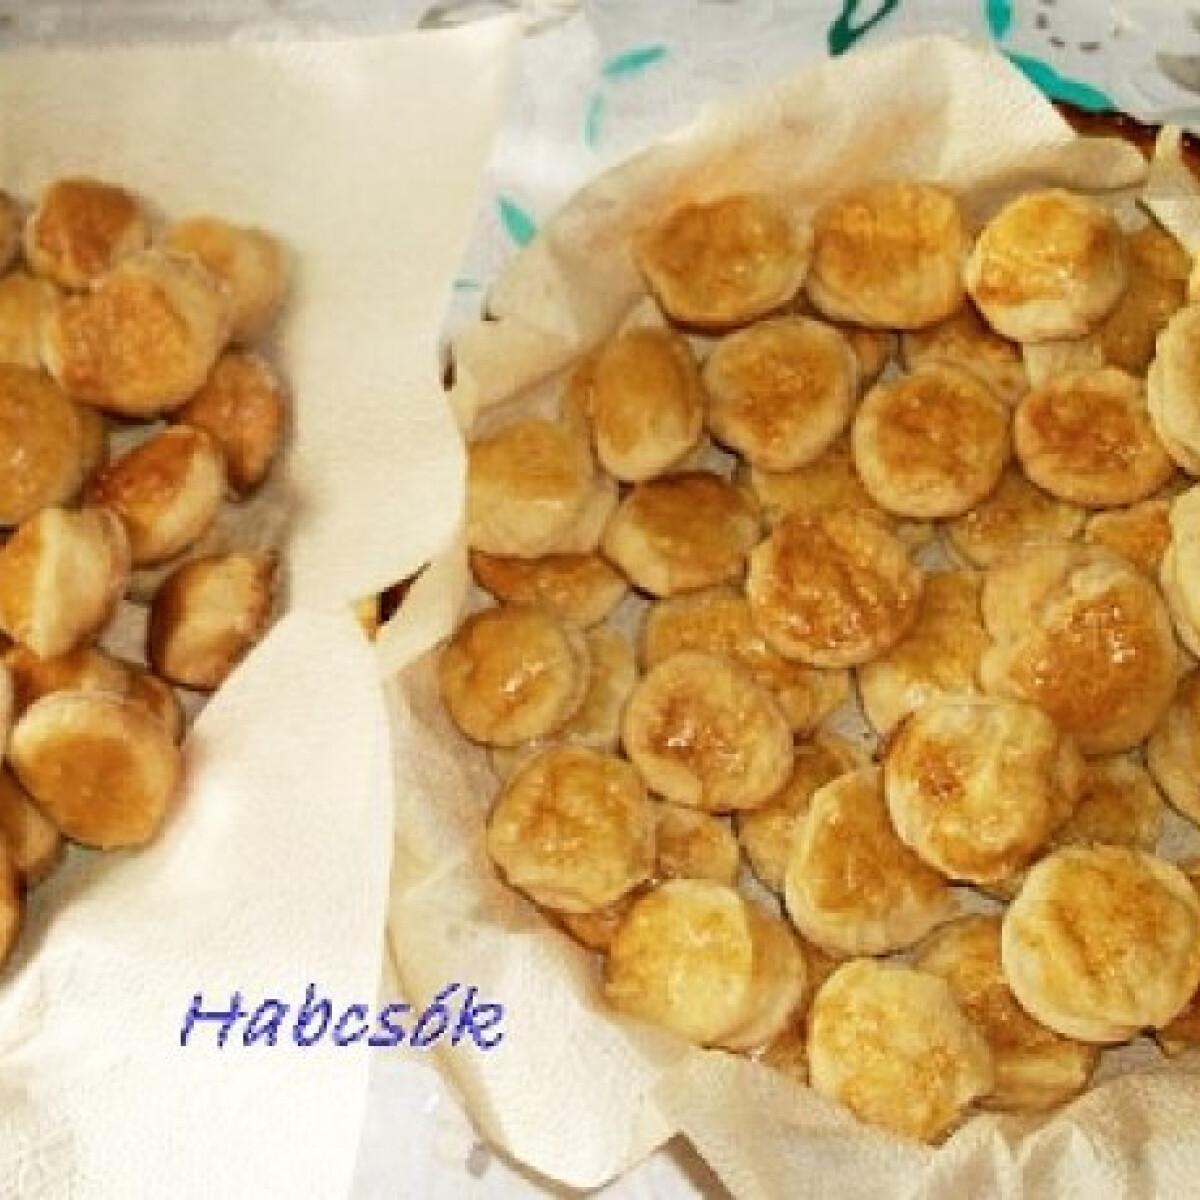 Krumplis pogácsa réteslisztből